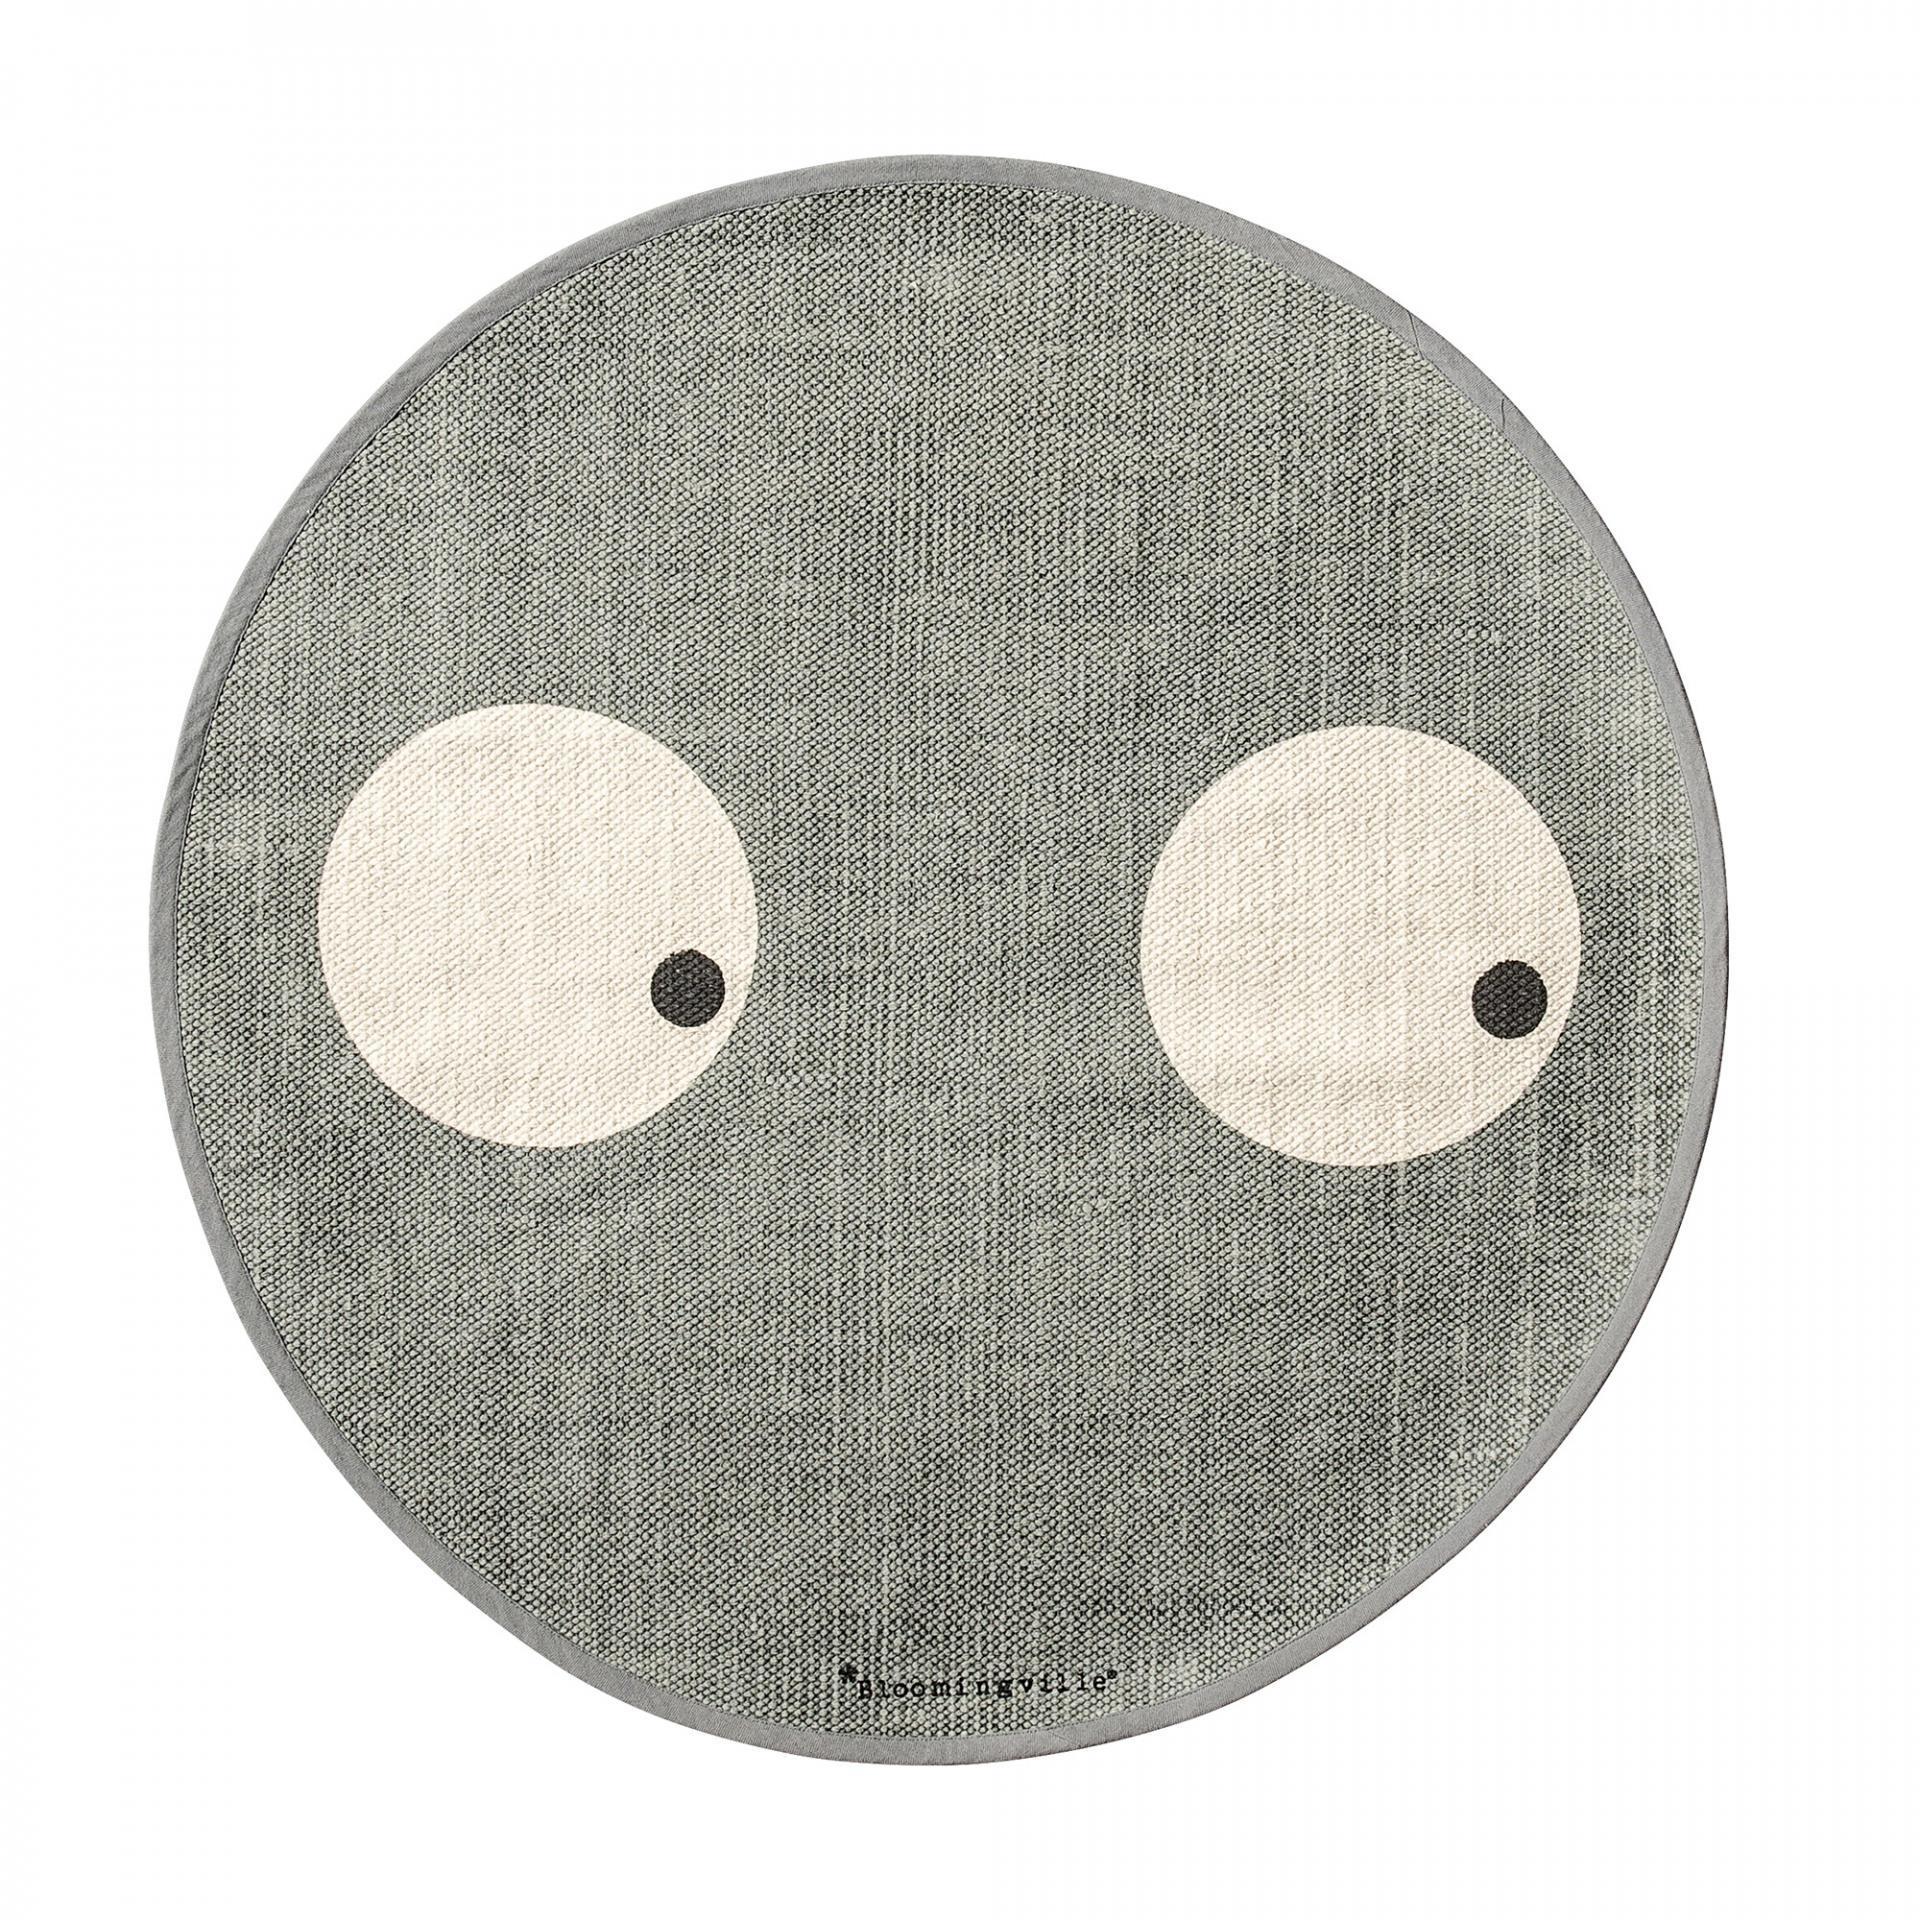 Bloomingville Kobereček do dětského pokoje Eyes Grey, šedá barva, textil Šedá